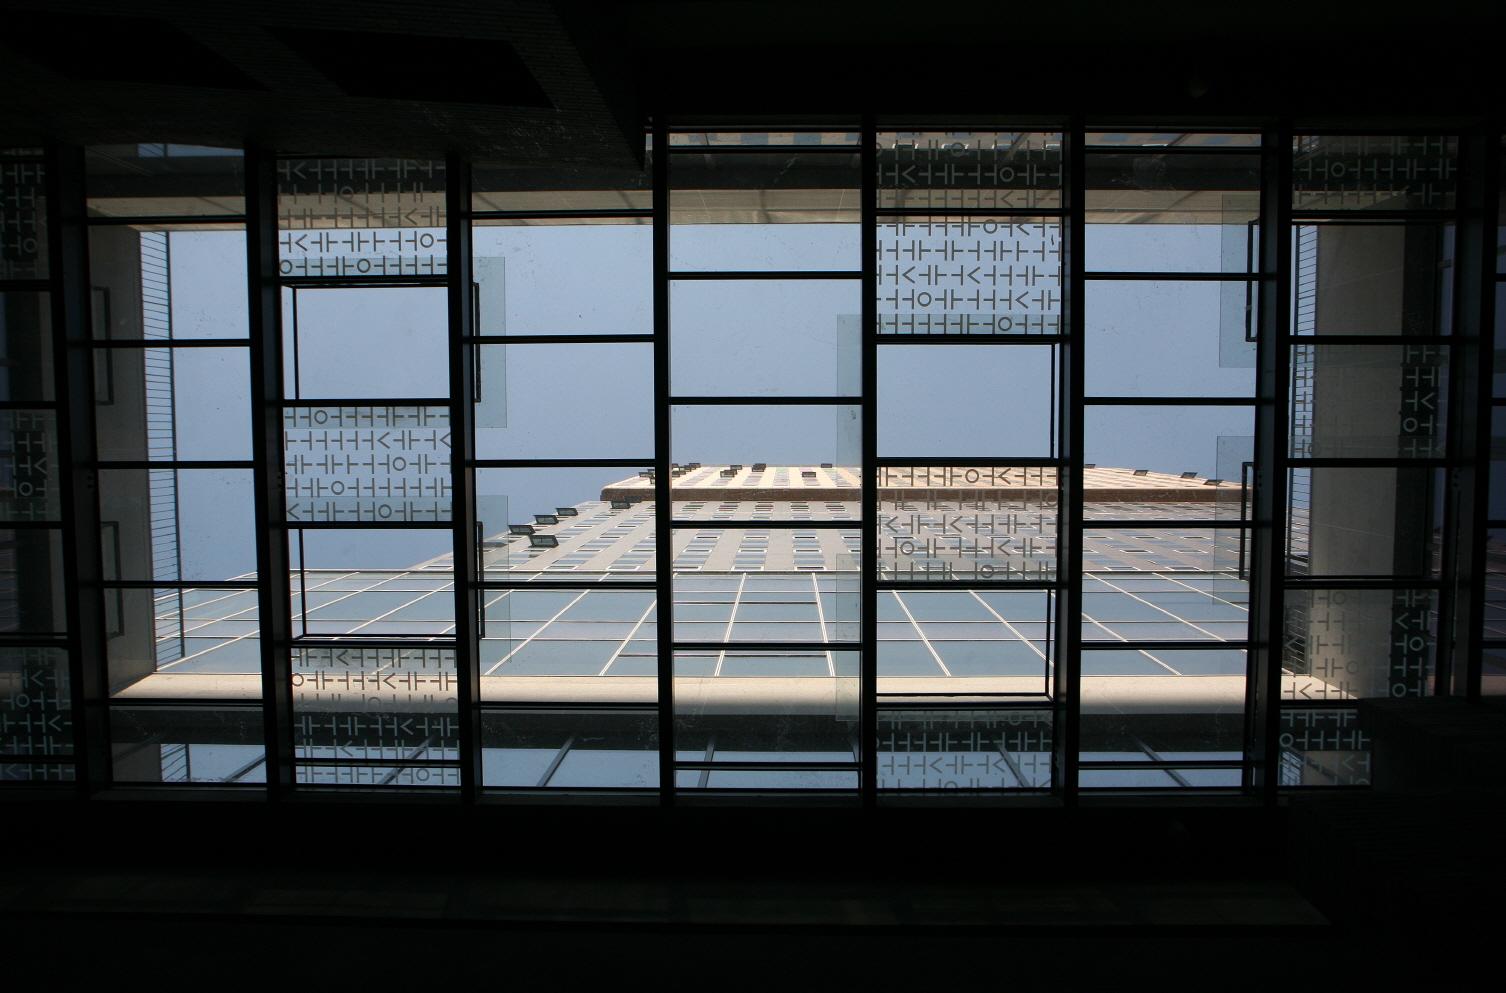 〔안정원의 디자인 칼럼〕 과거와 현재가 공존하는 문화 지향형 오피스 건축 5